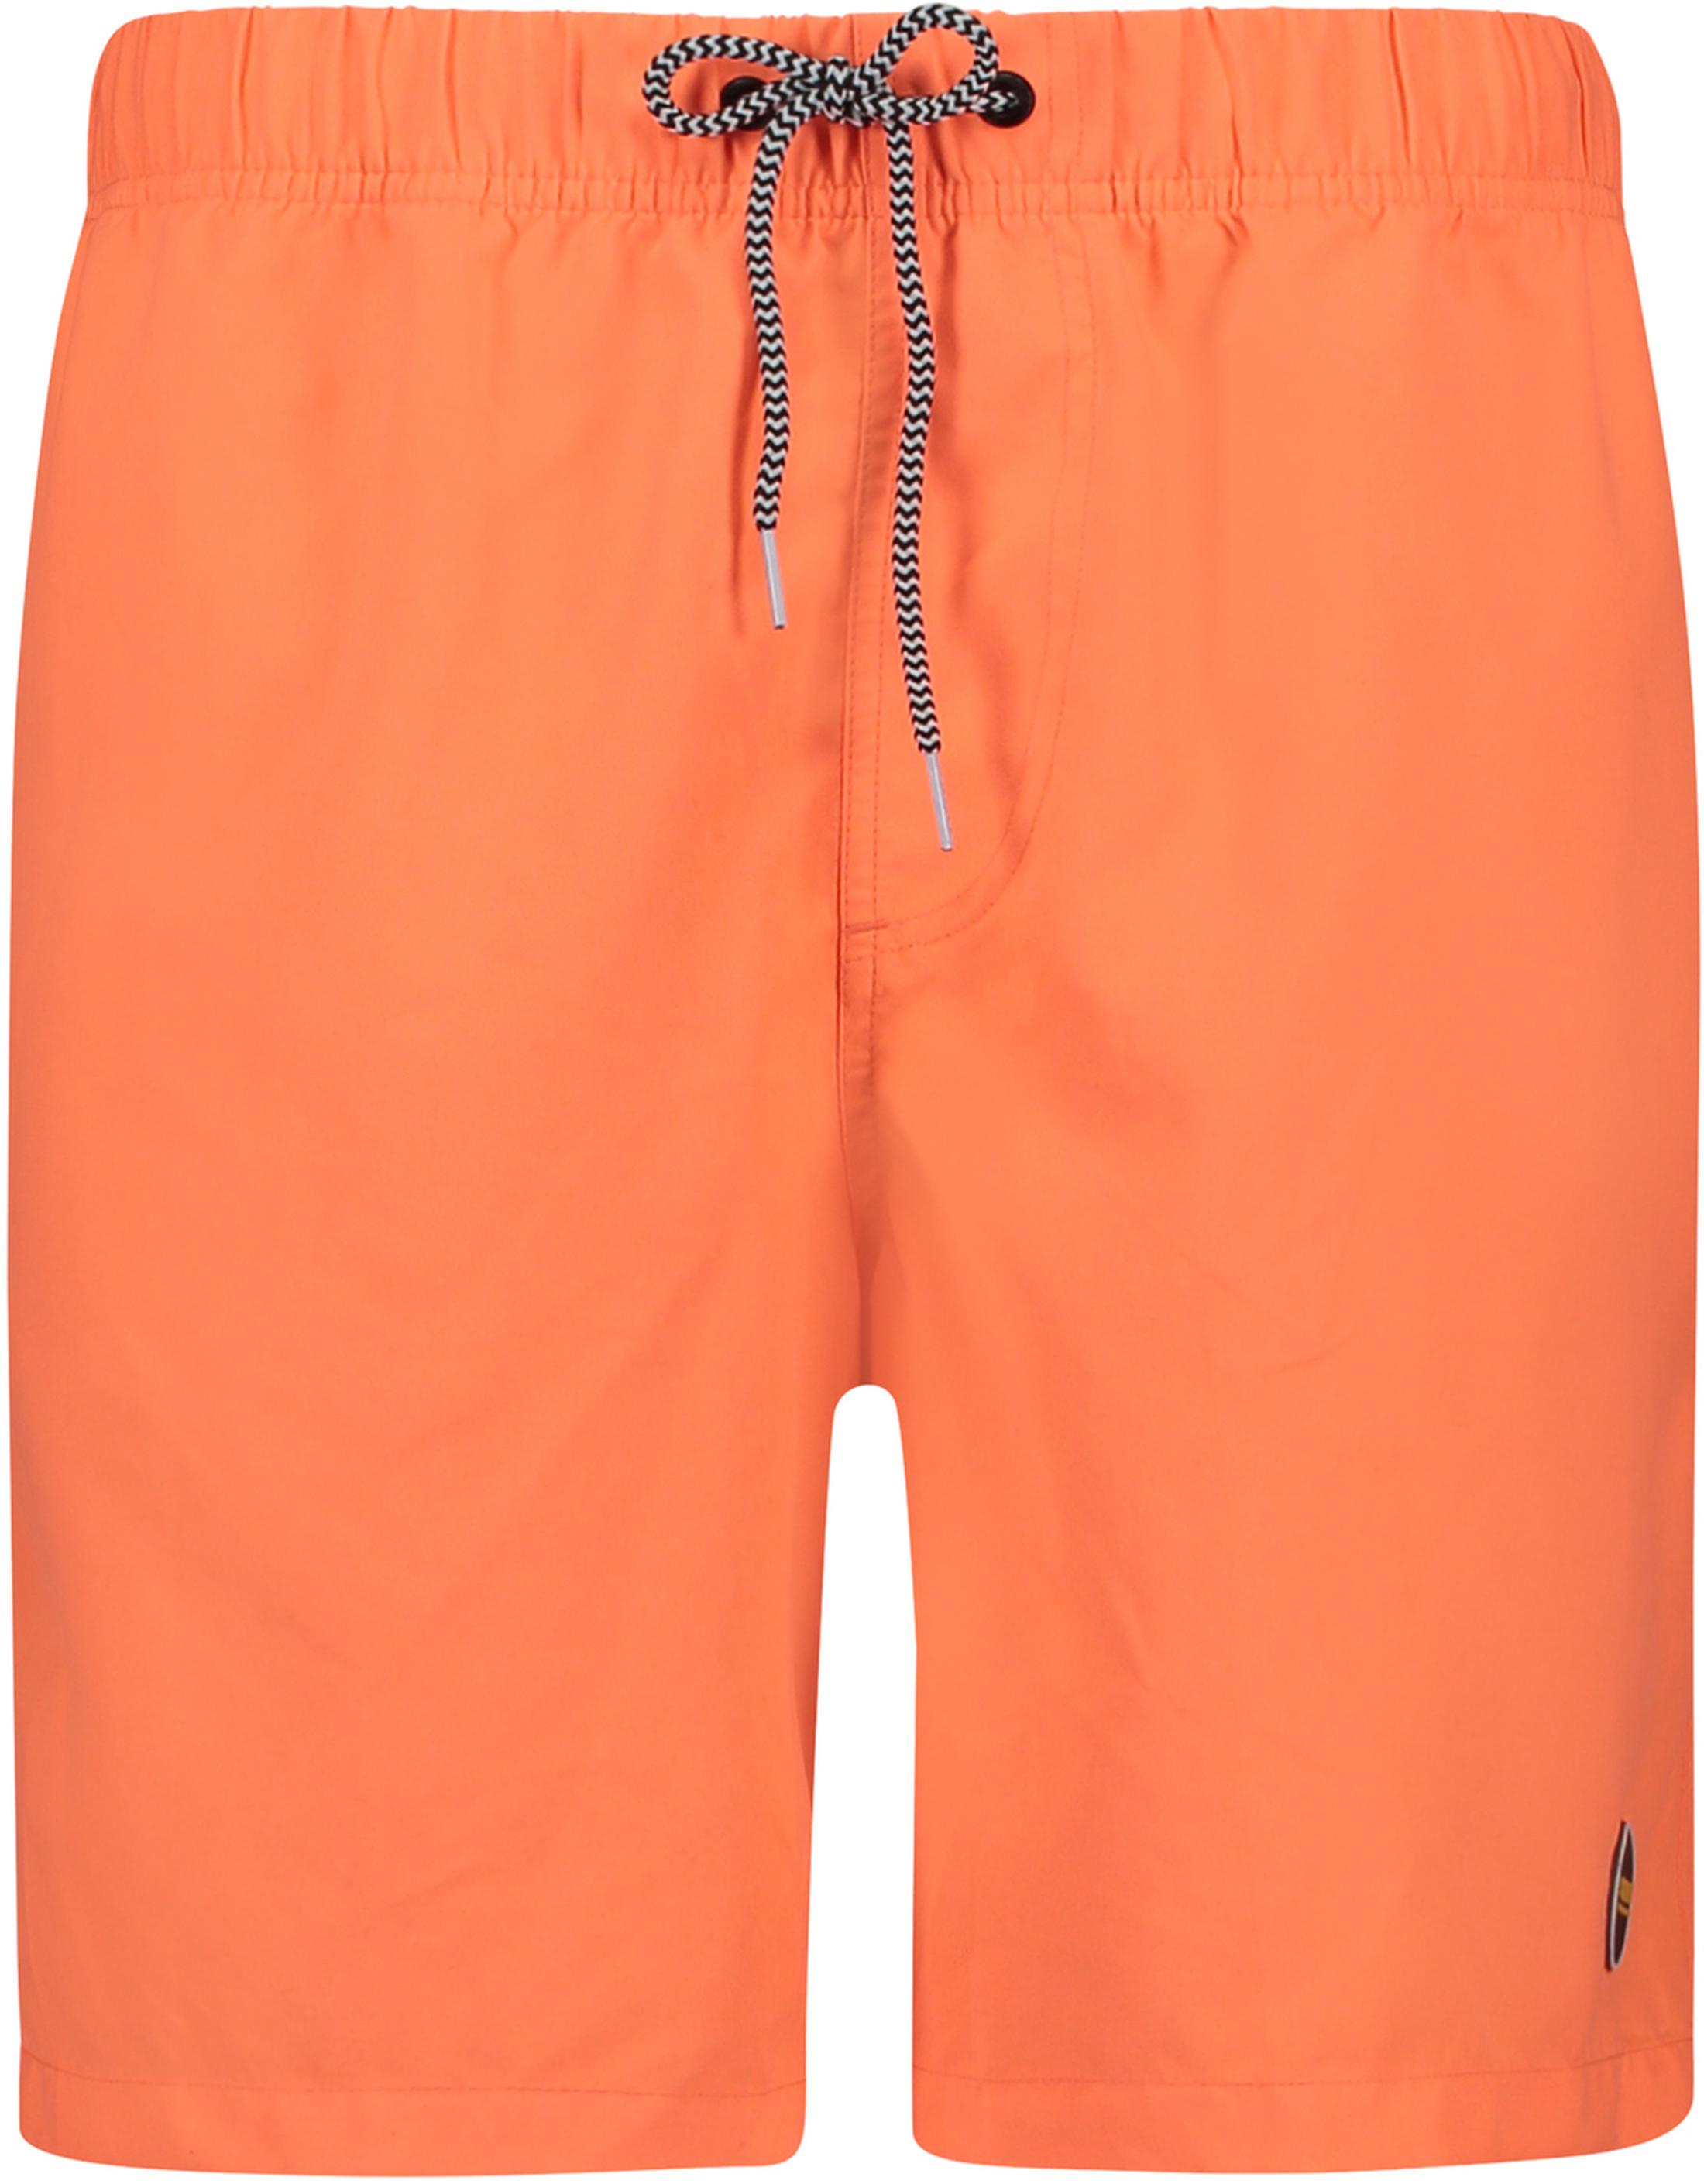 Shiwi Swimshorts Solid Mike Orange photo 0